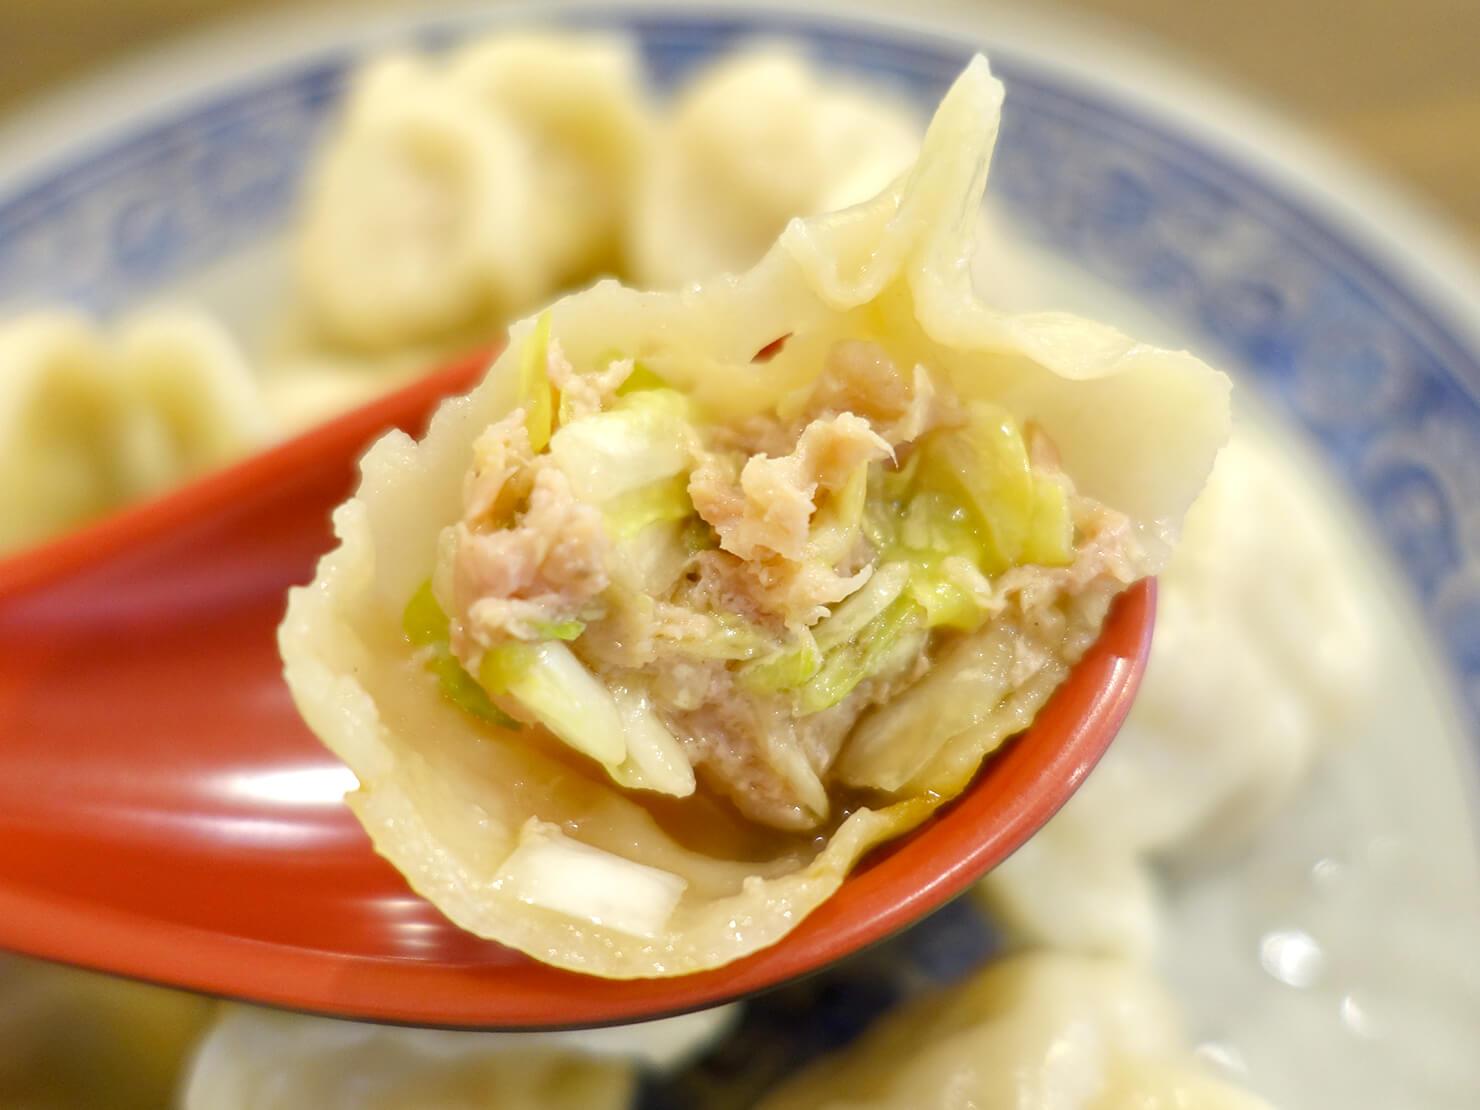 台北・臨江街夜市のおすすめグルメ店「杜記麵館」の鮮肉水餃クローズアップ